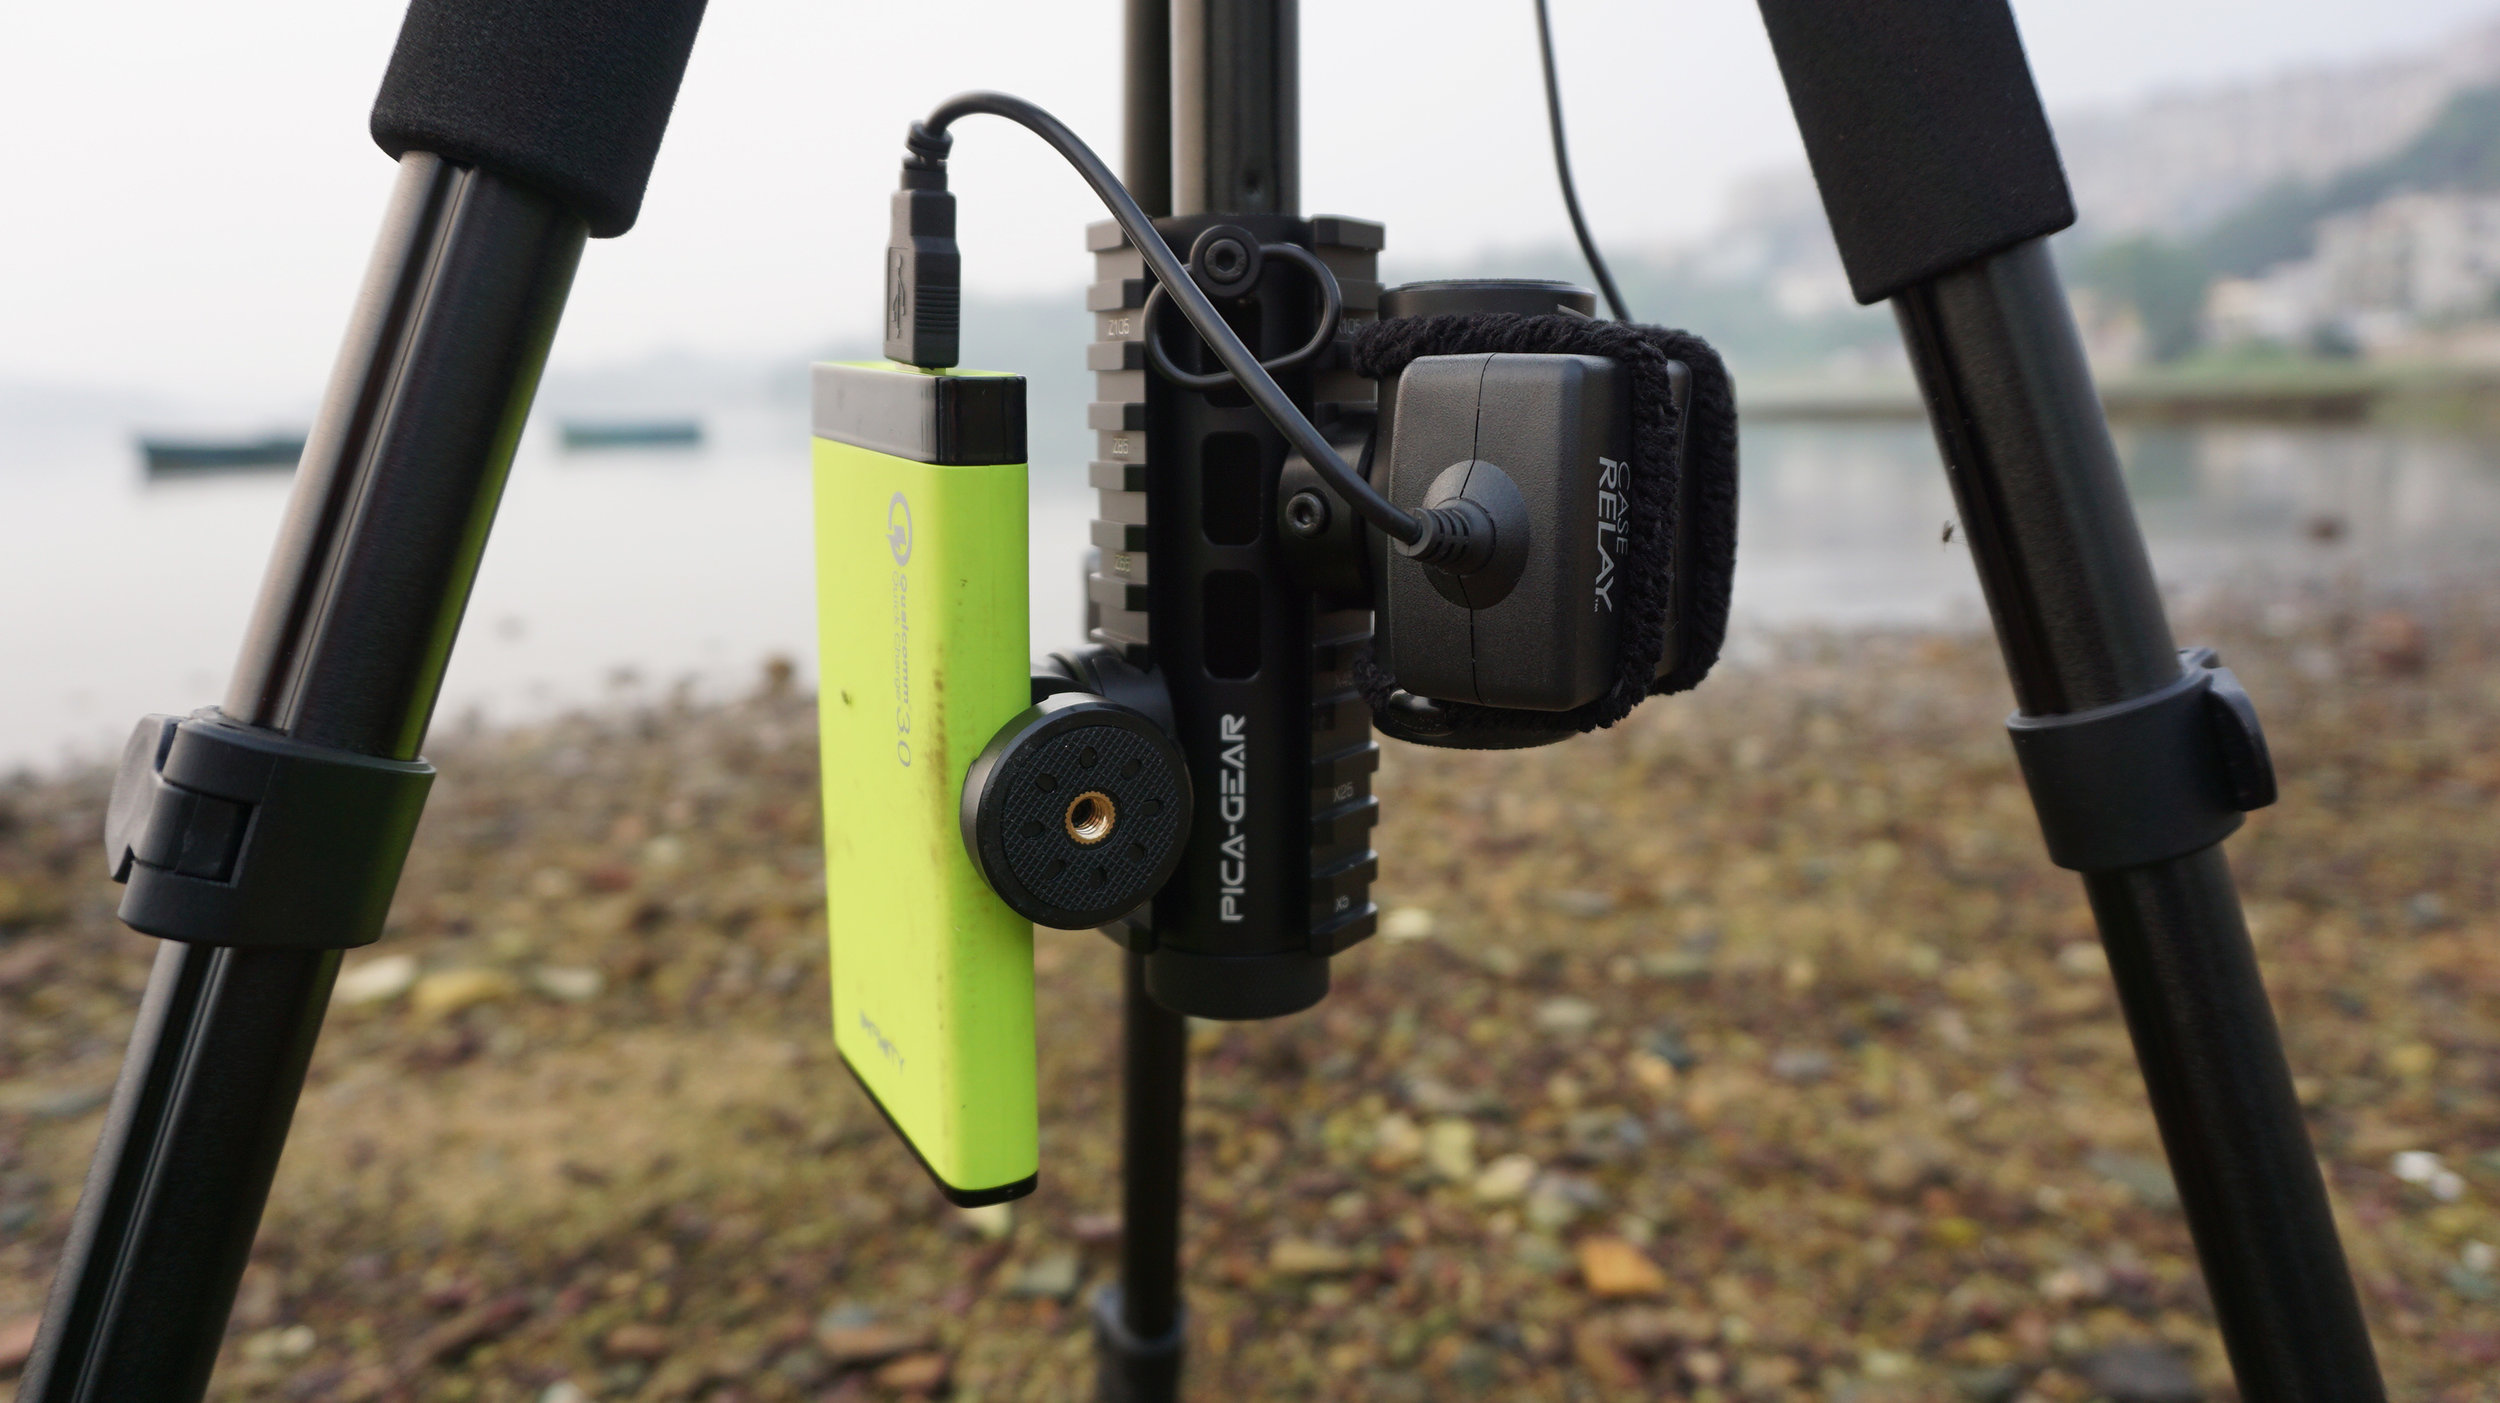 PICA-GEAR Pica-Pod attached to full-size tripod bottom screw attachment